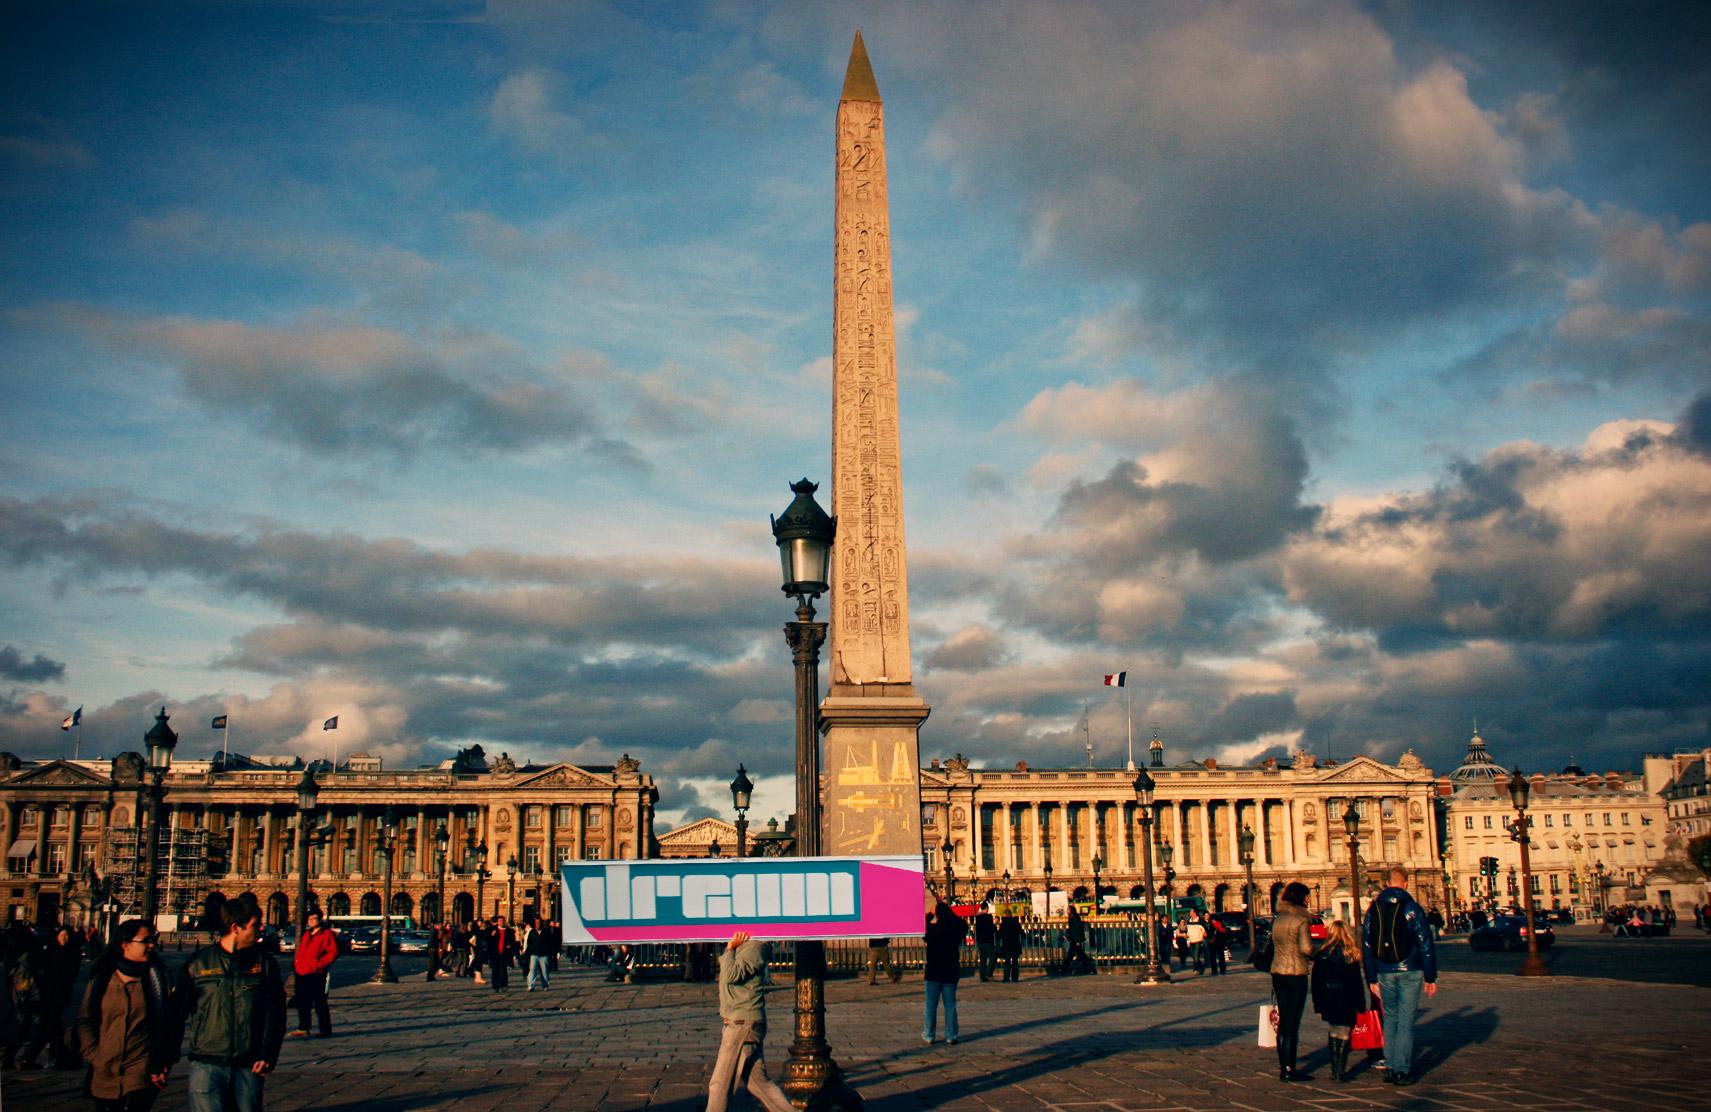 Place de la Concorde_dream_Paris_by_camilo_rojas_paris (6)_o.jpg